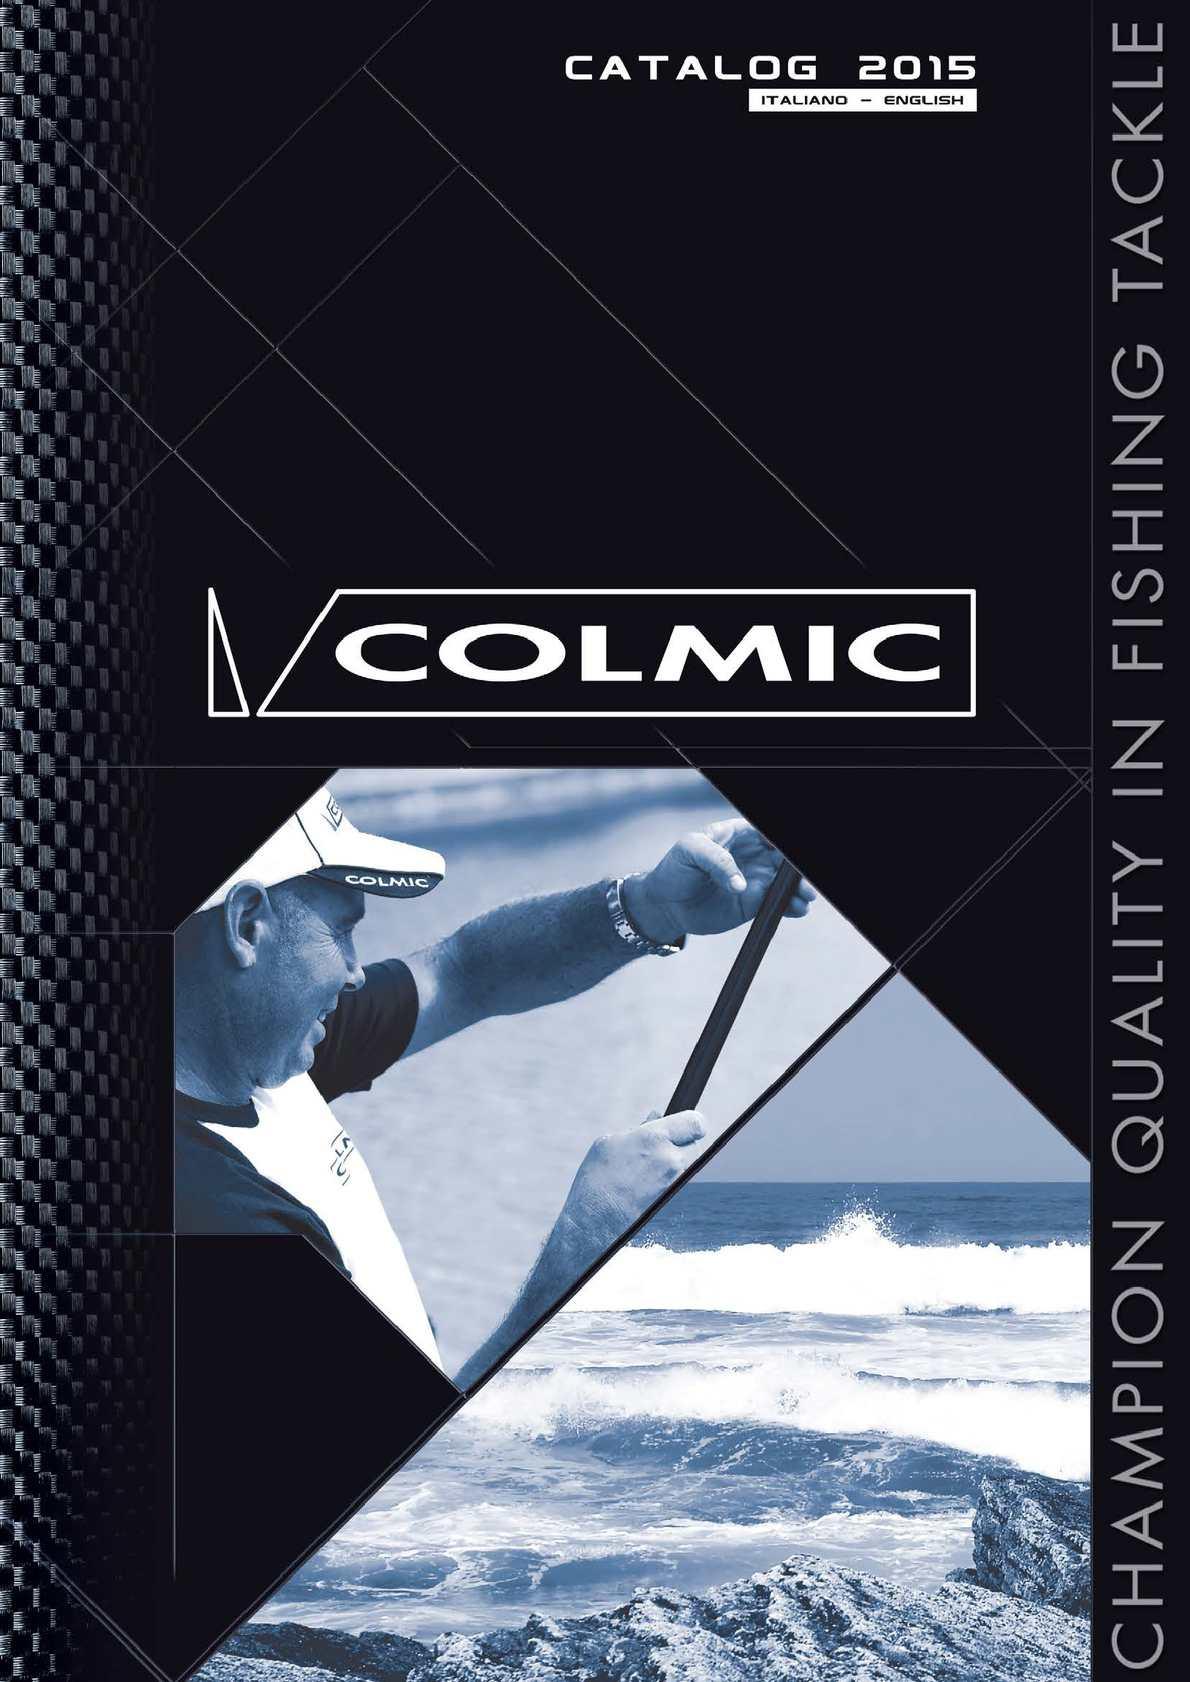 Galleggiante Colmic Lux